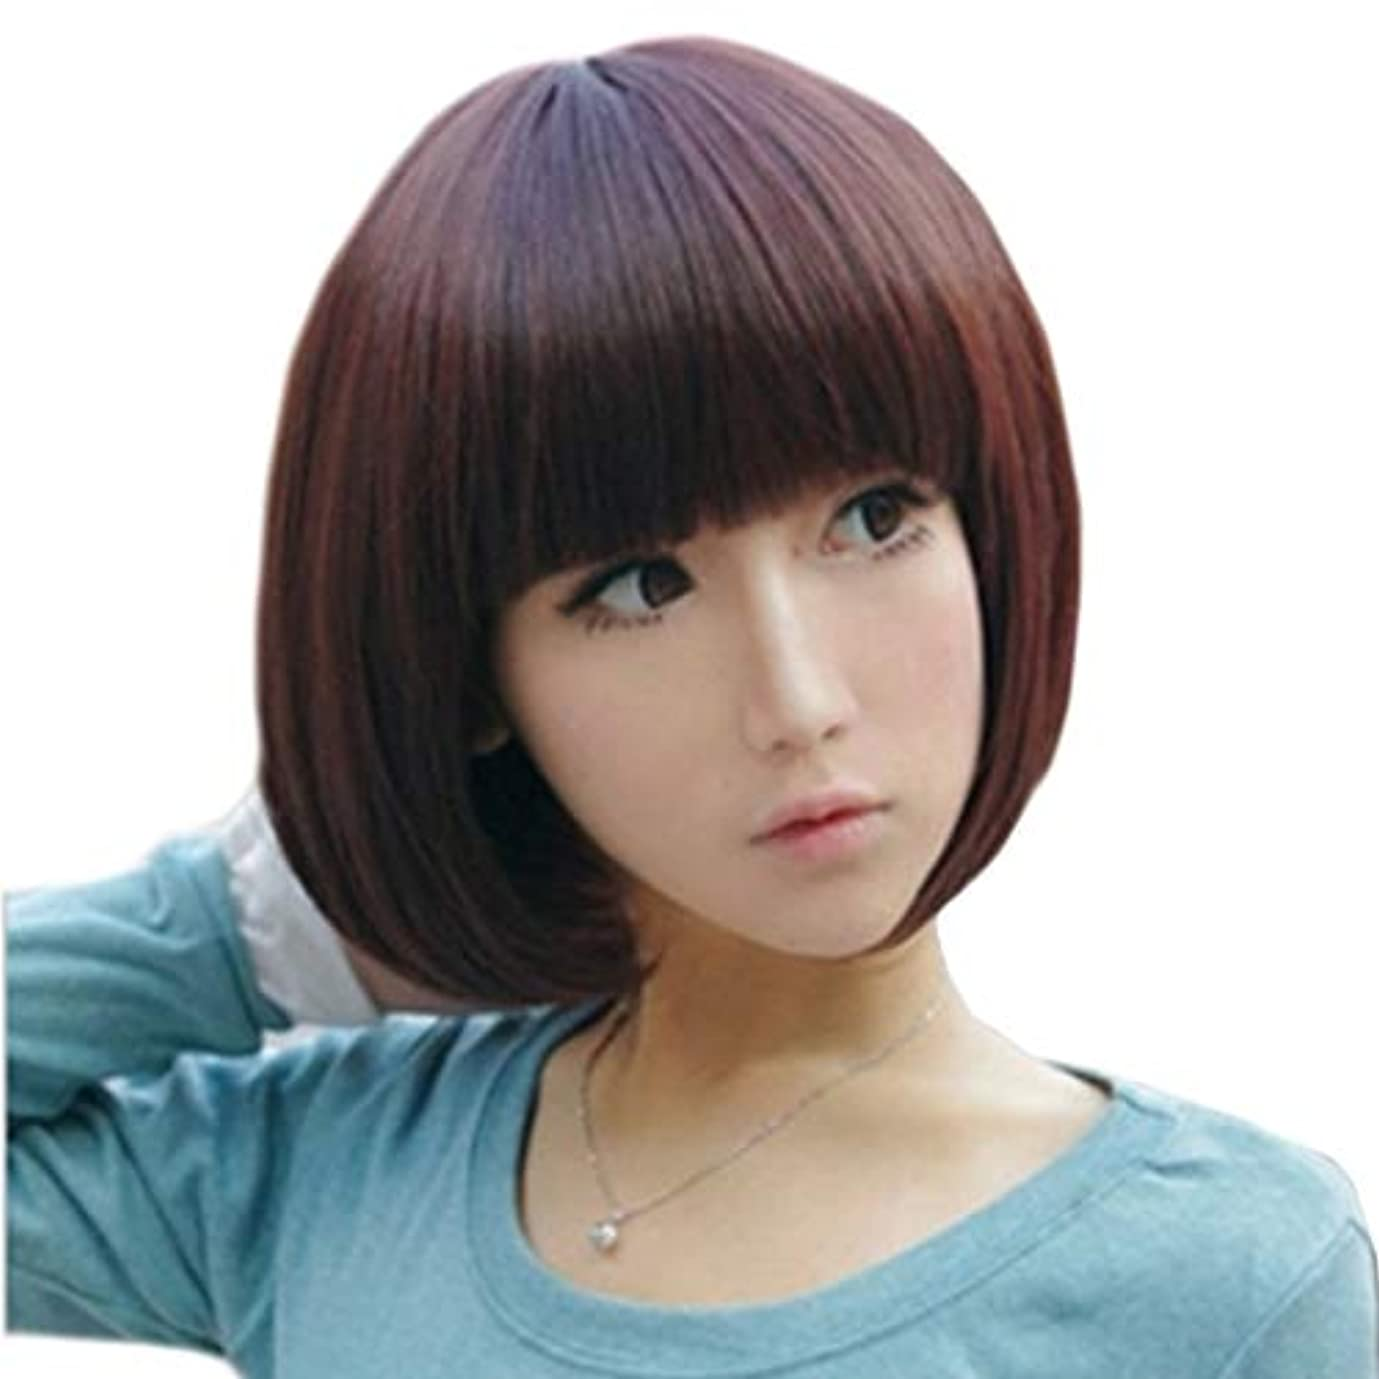 アラビア語運動プラスチックKerwinner 本物の髪のように自然な女性のための平らな前髪でストレートショートボブの髪かつら